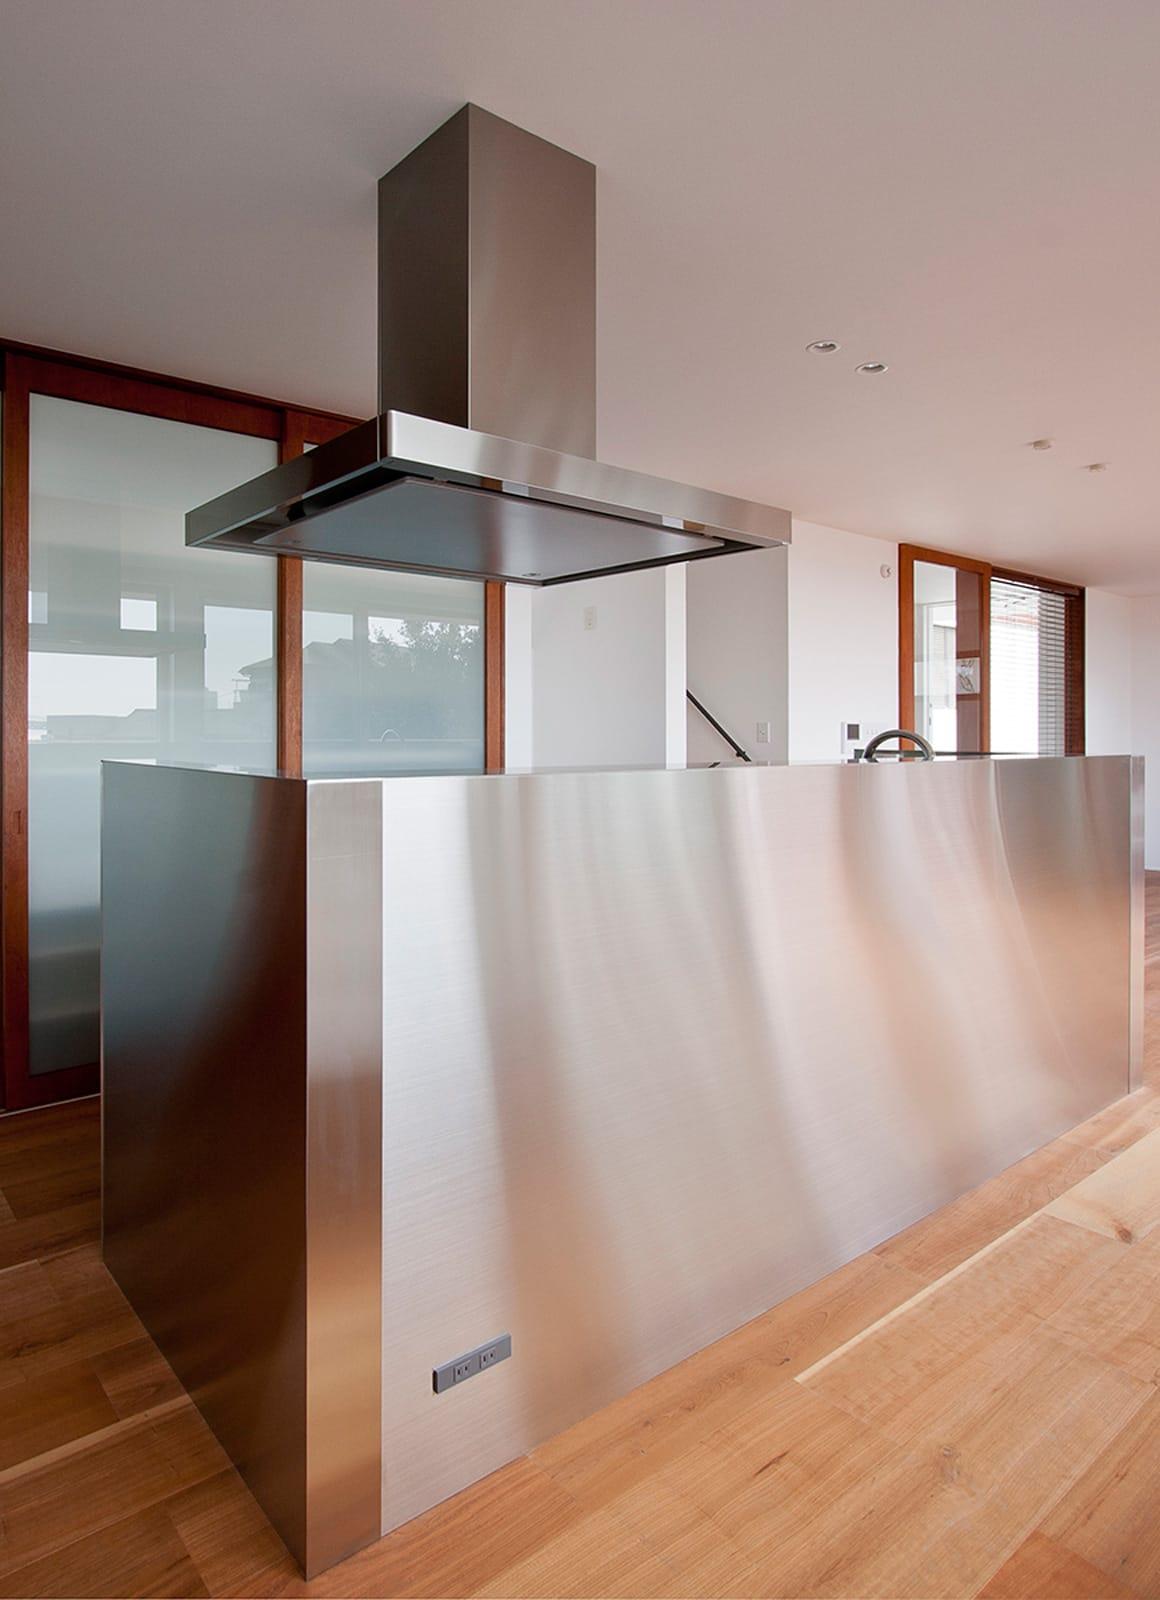 絶景!海を望む白い家の収納(キッチン)1